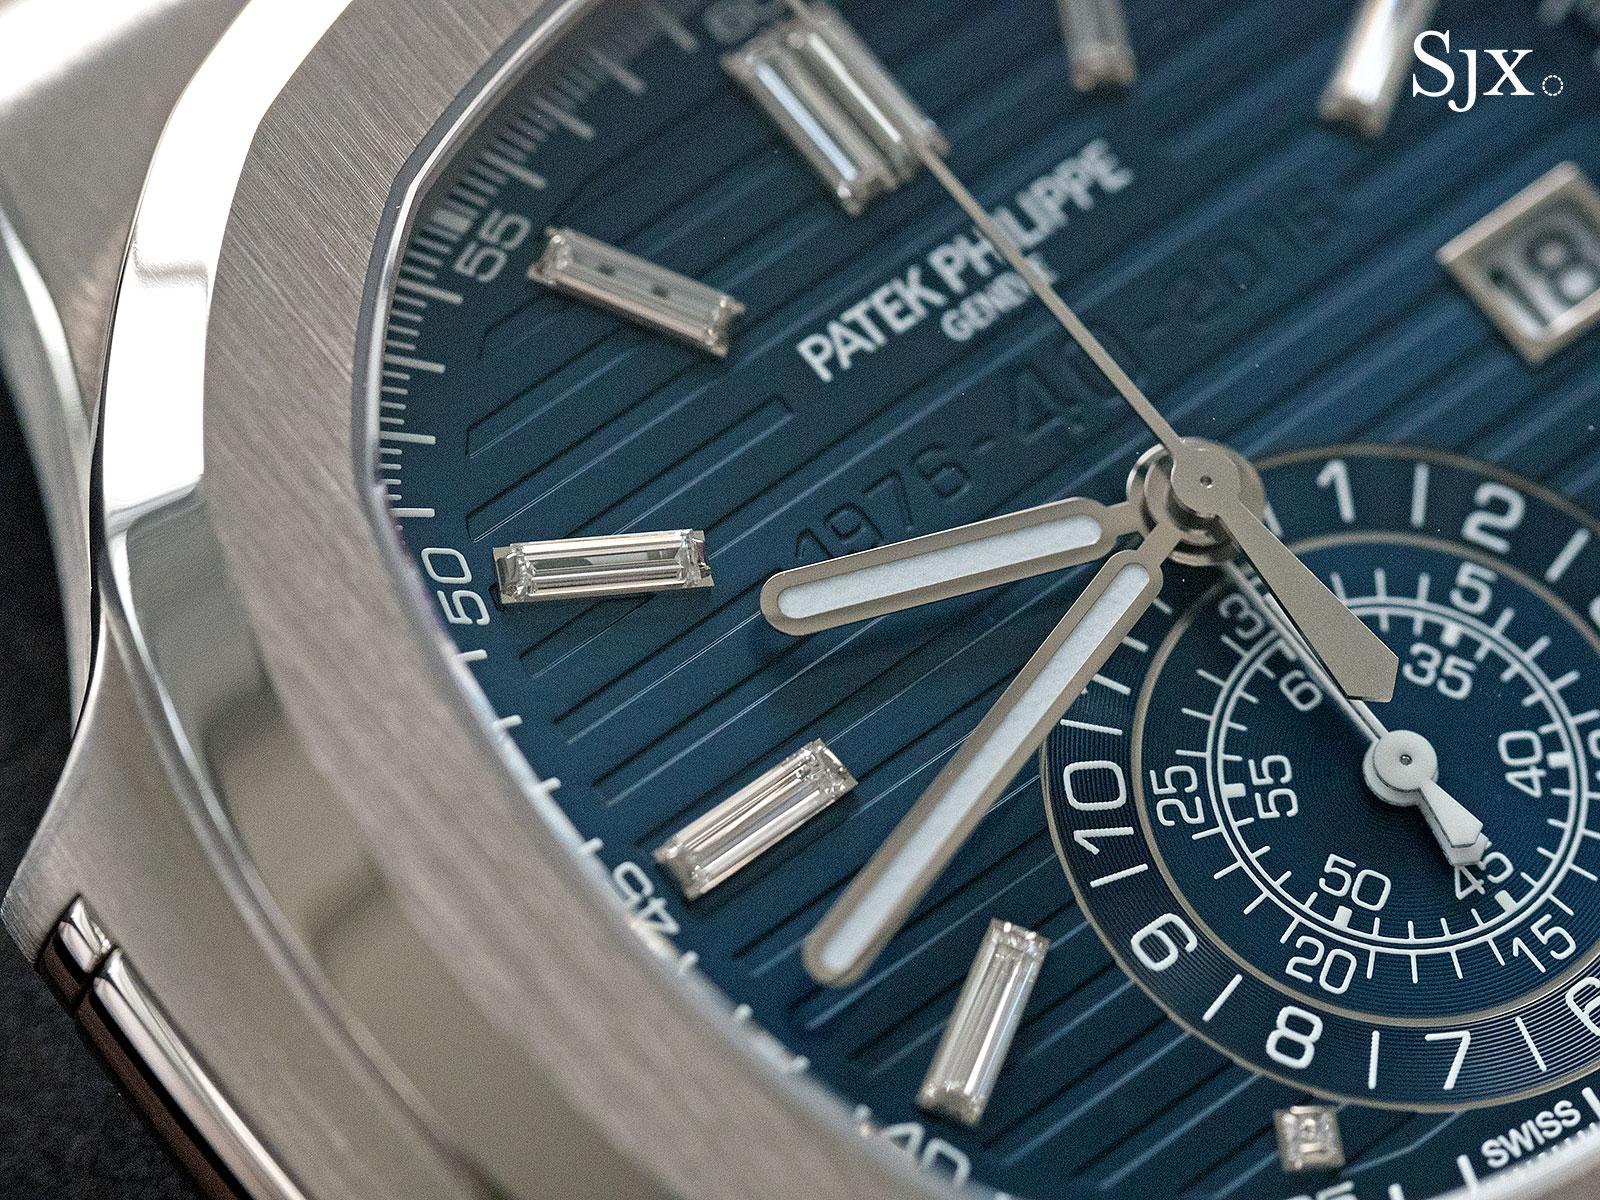 Patek Philippe Nautilus Chronograph Ref. 5976-1G 40th Anniversary 13